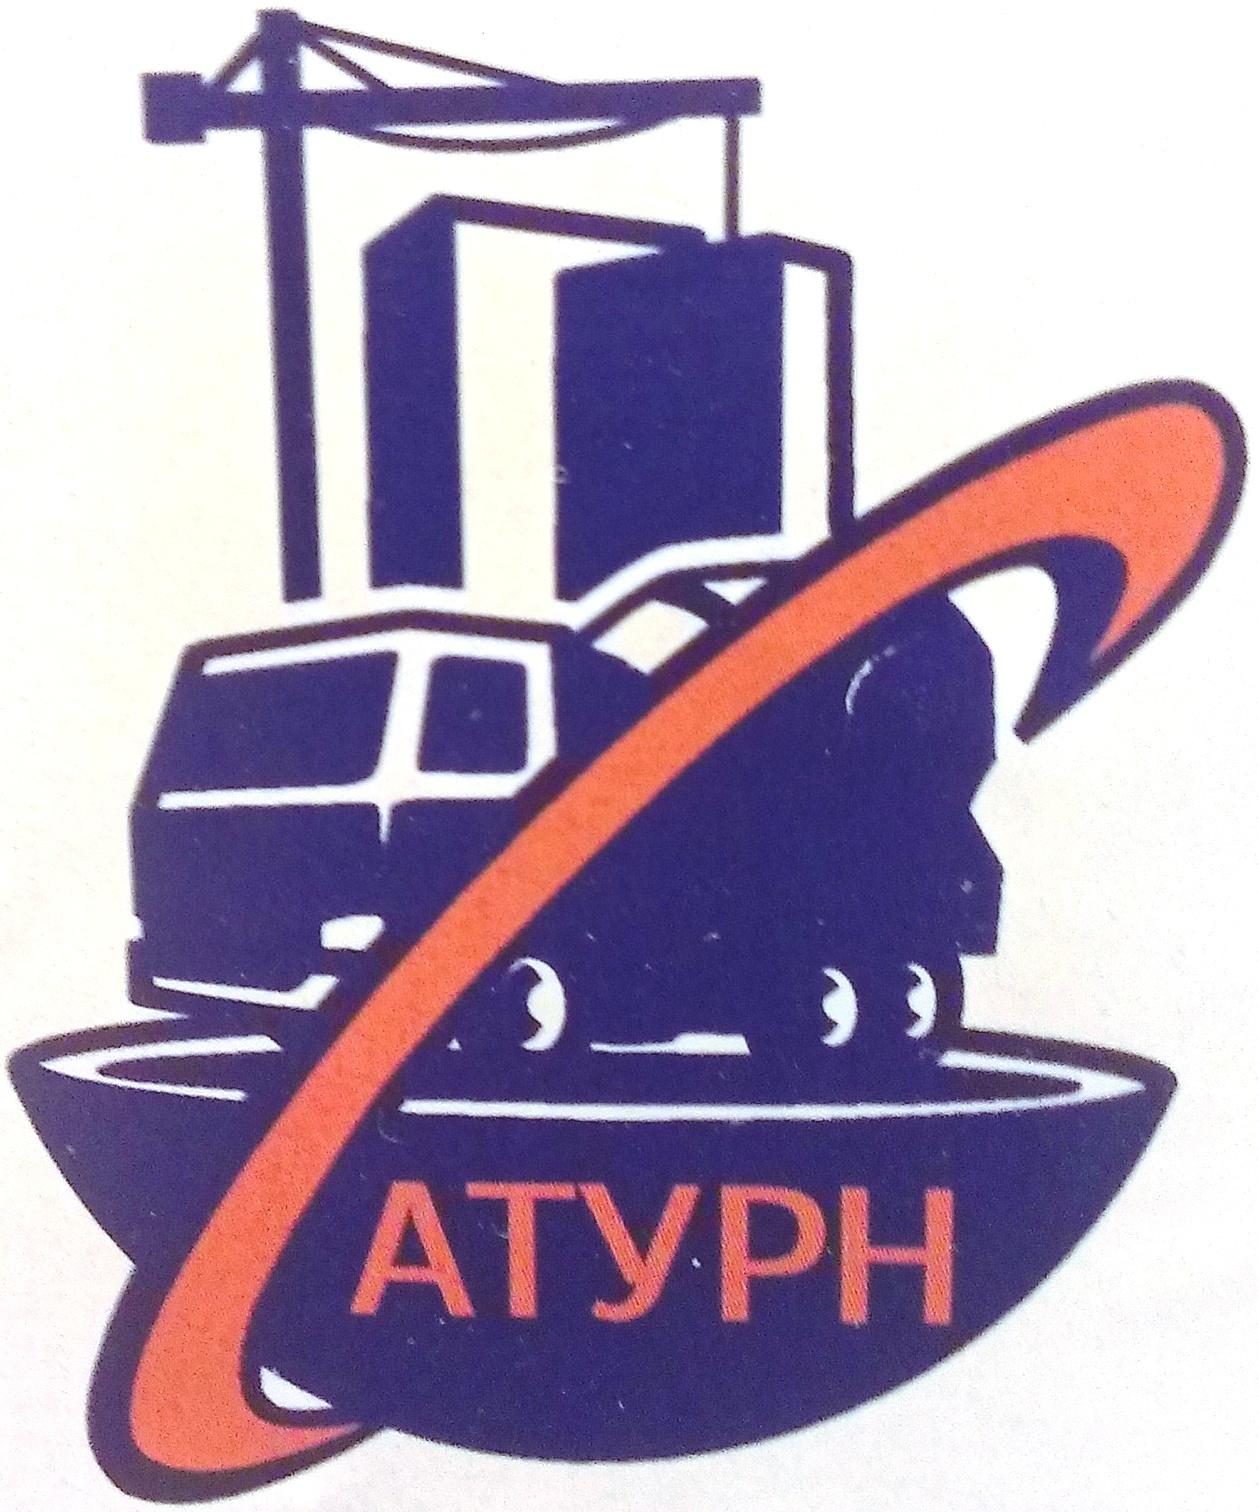 Работа в компании «Сатурн, ООО» в Нижнего Новгорода